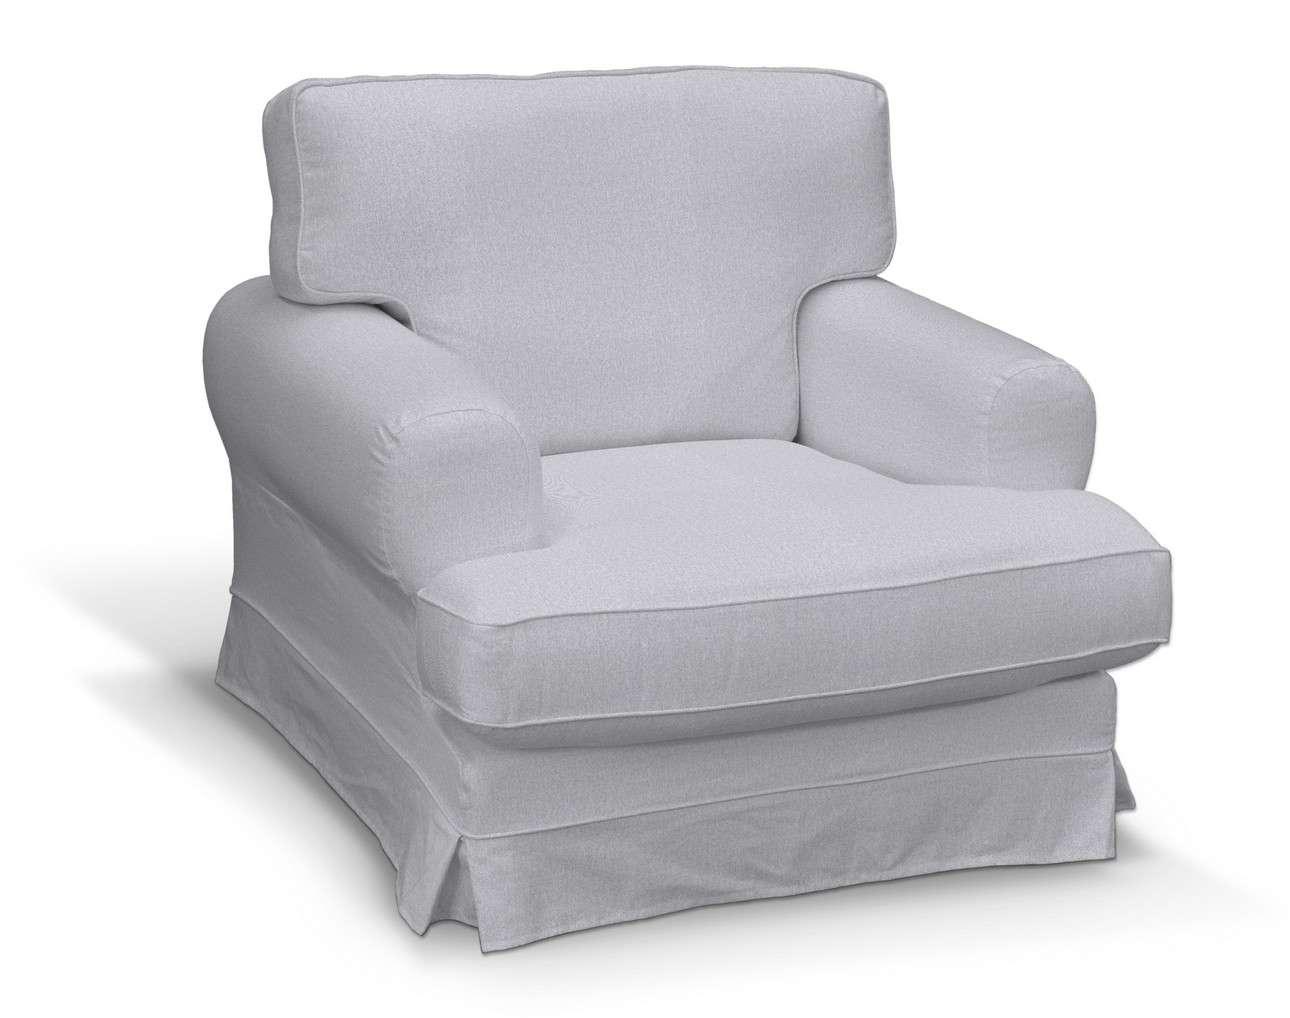 Bezug für Ekeskog Sessel von der Kollektion Amsterdam, Stoff: 704-45